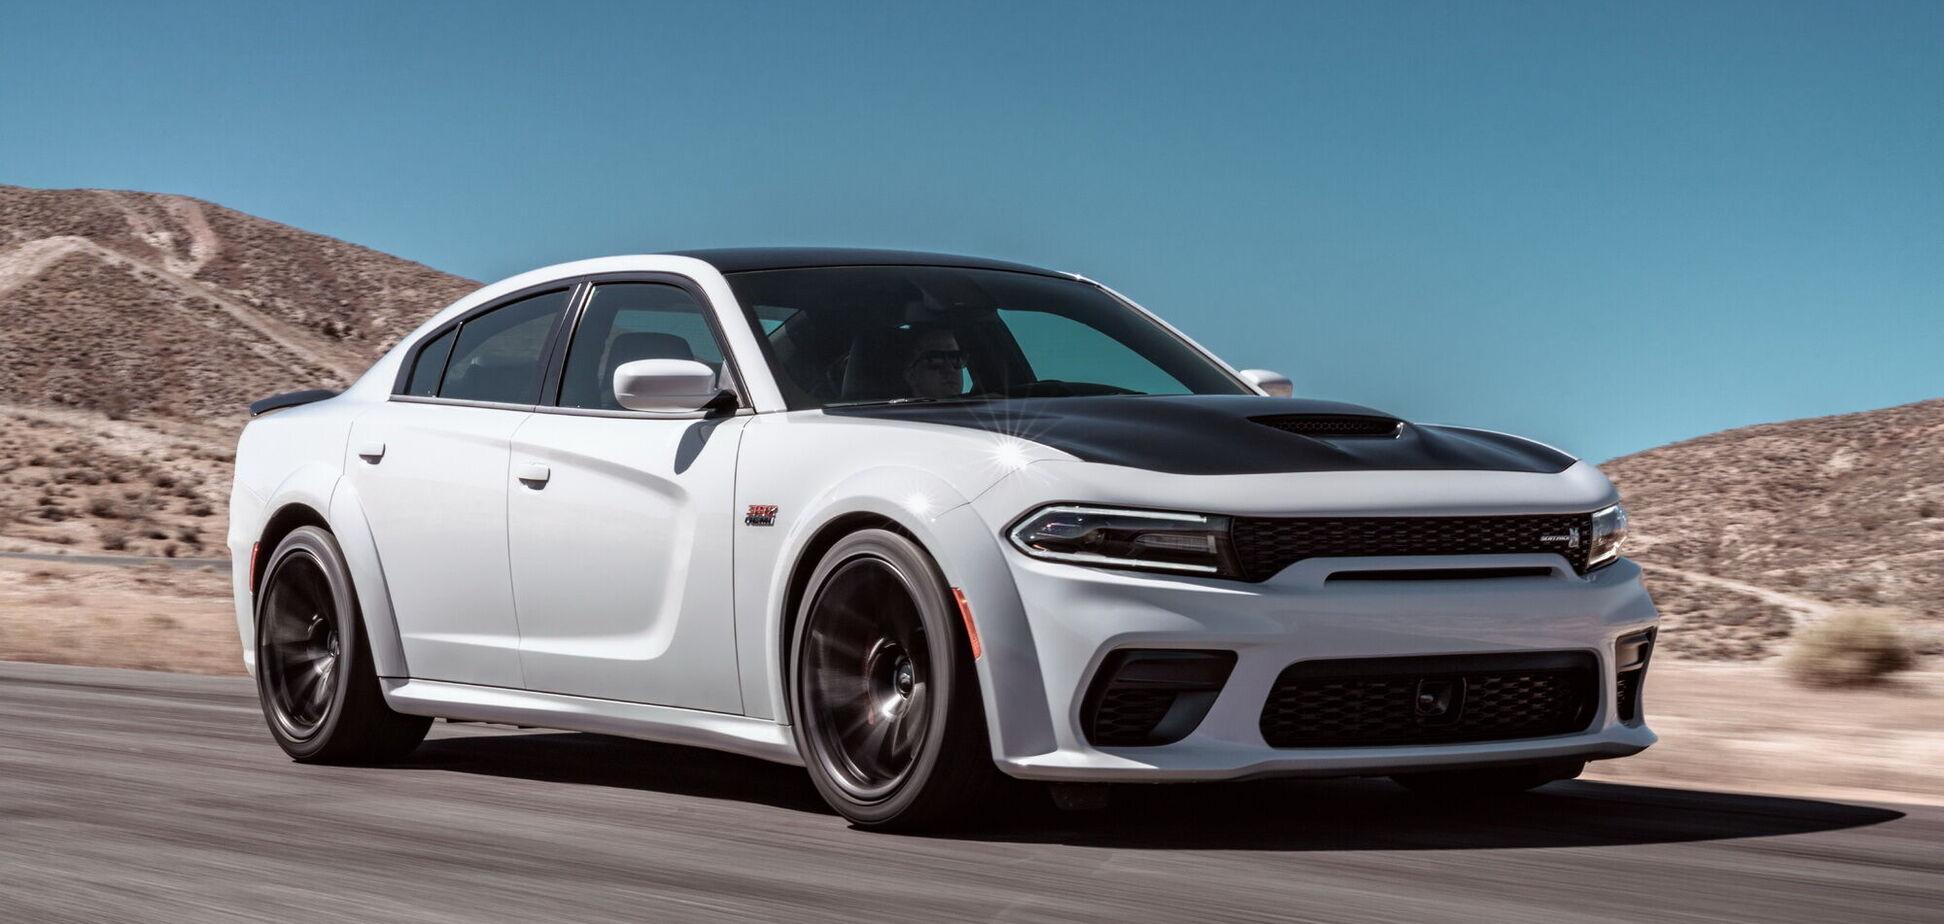 Dodge Charger потрапив у список найчастіше викрадених авто у США